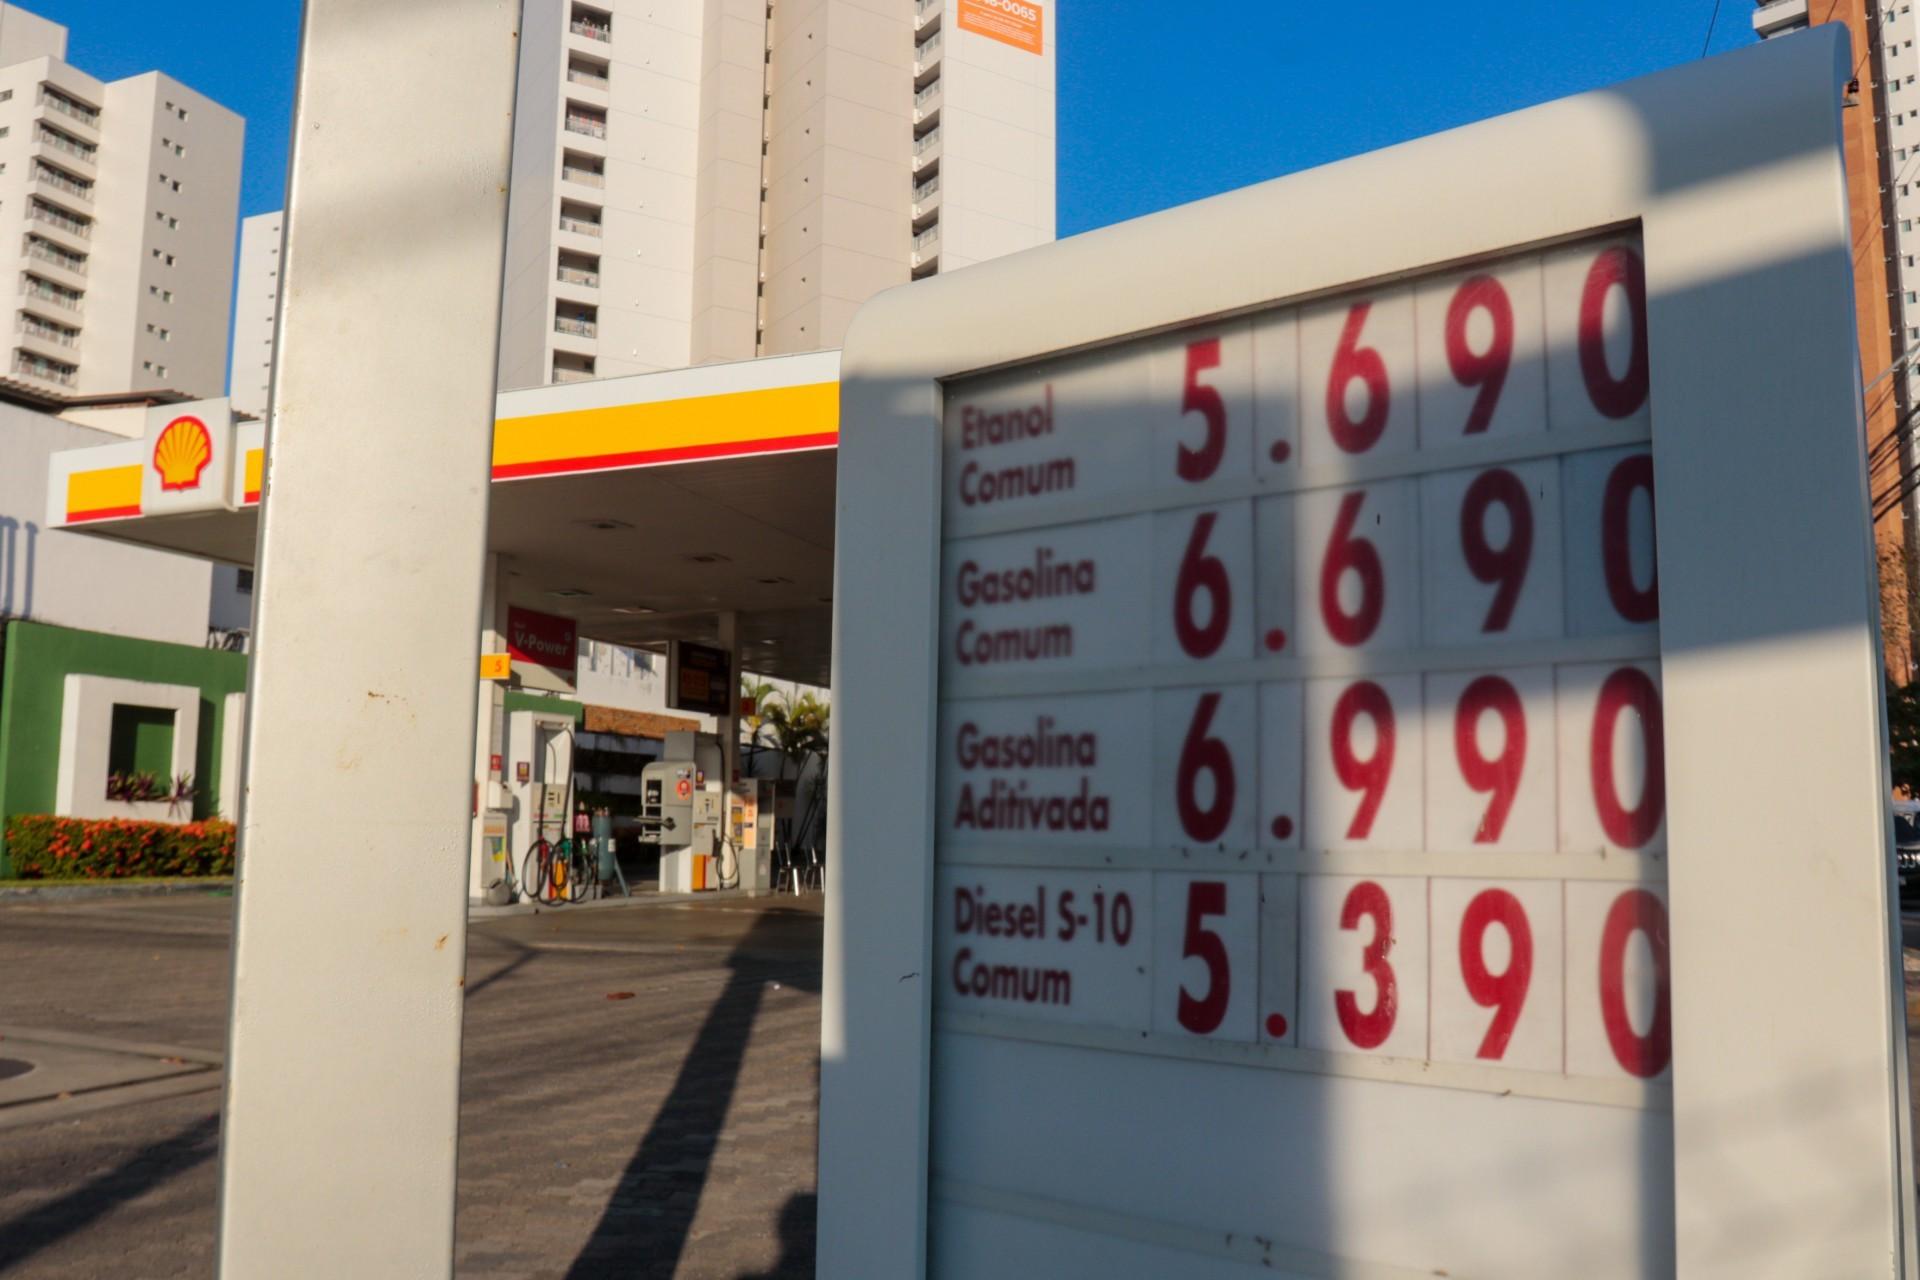 Paliativos não vão mudar o litro da gasolina de R$ 7